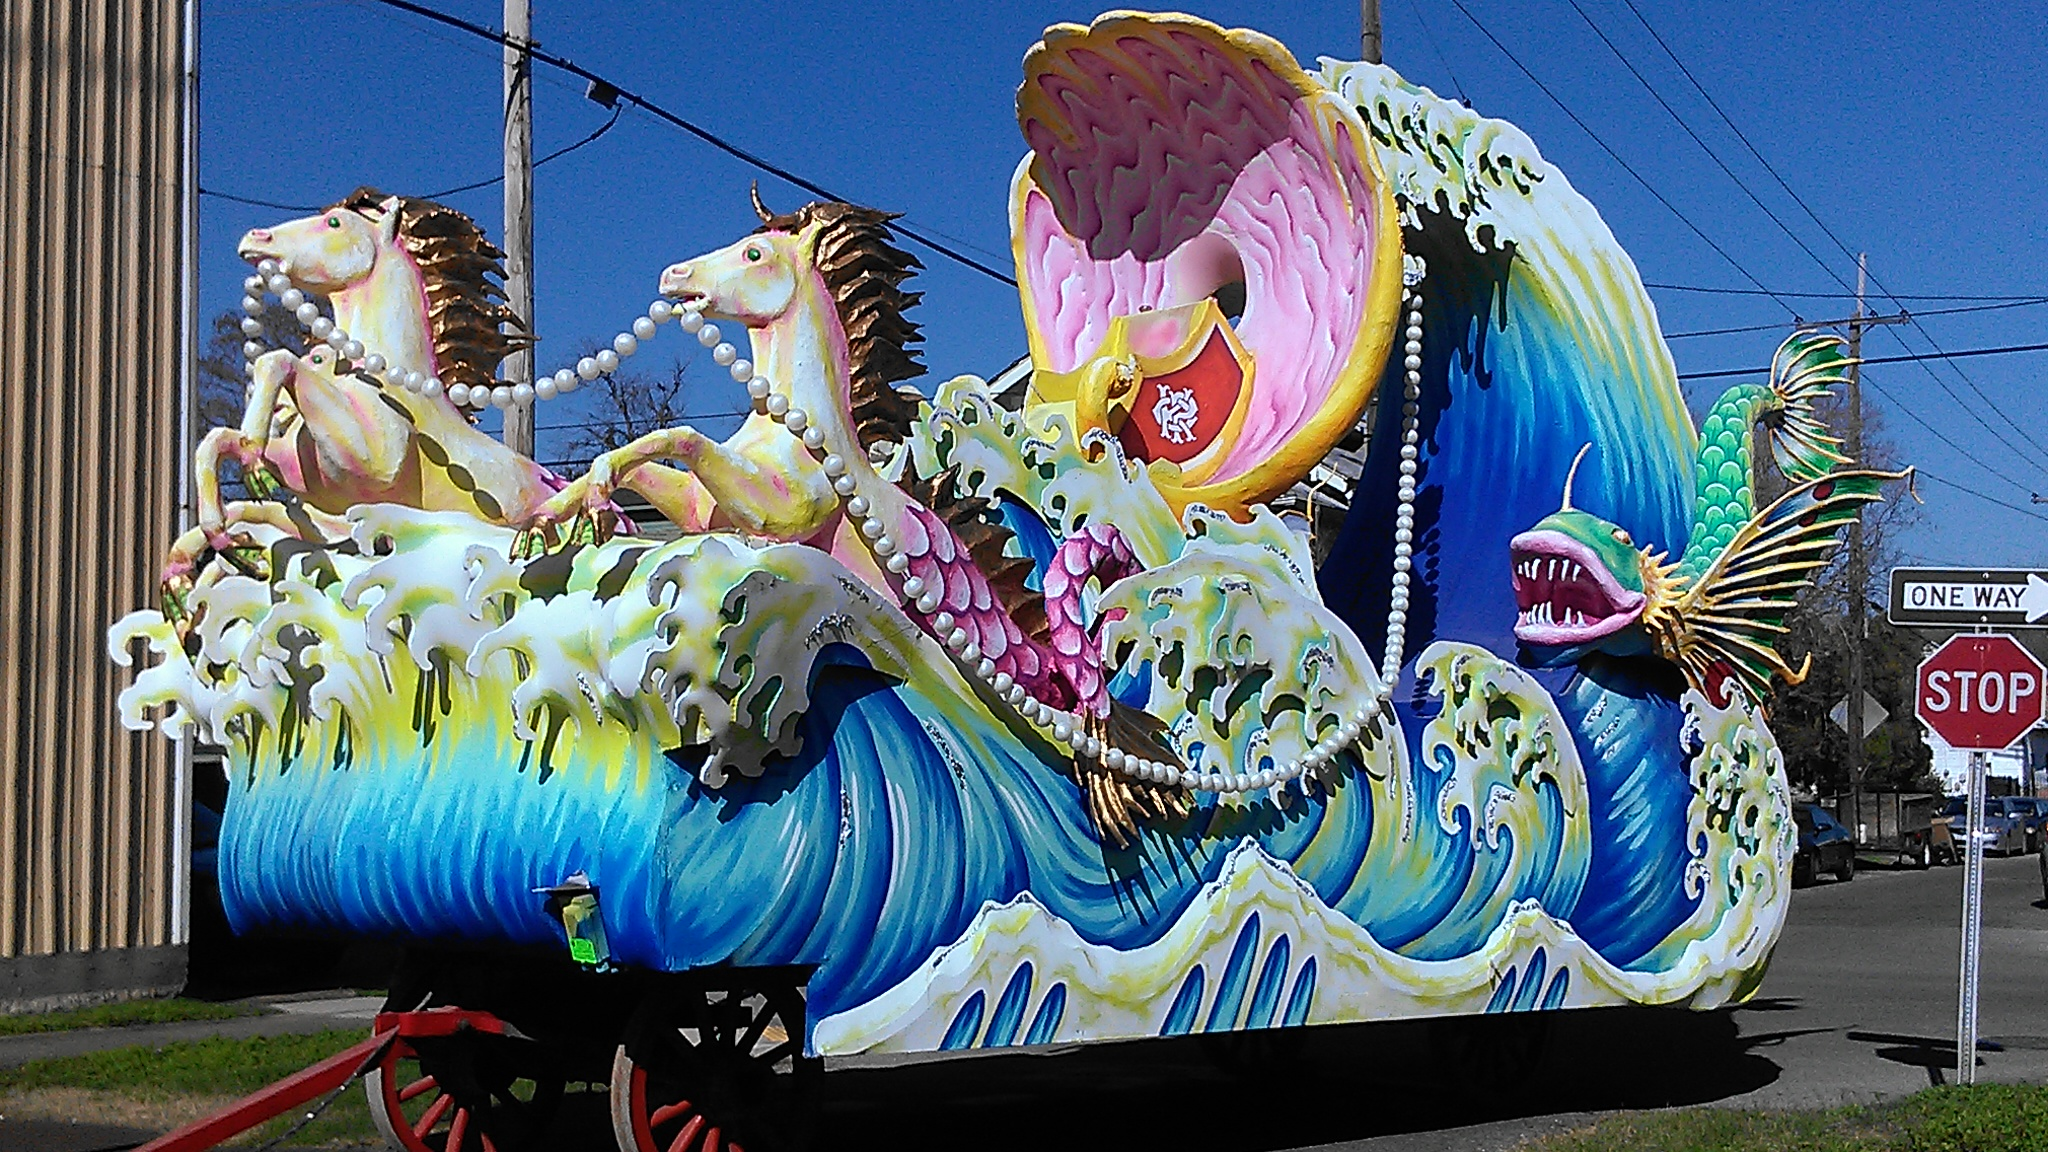 Mardi Gras Painted Body